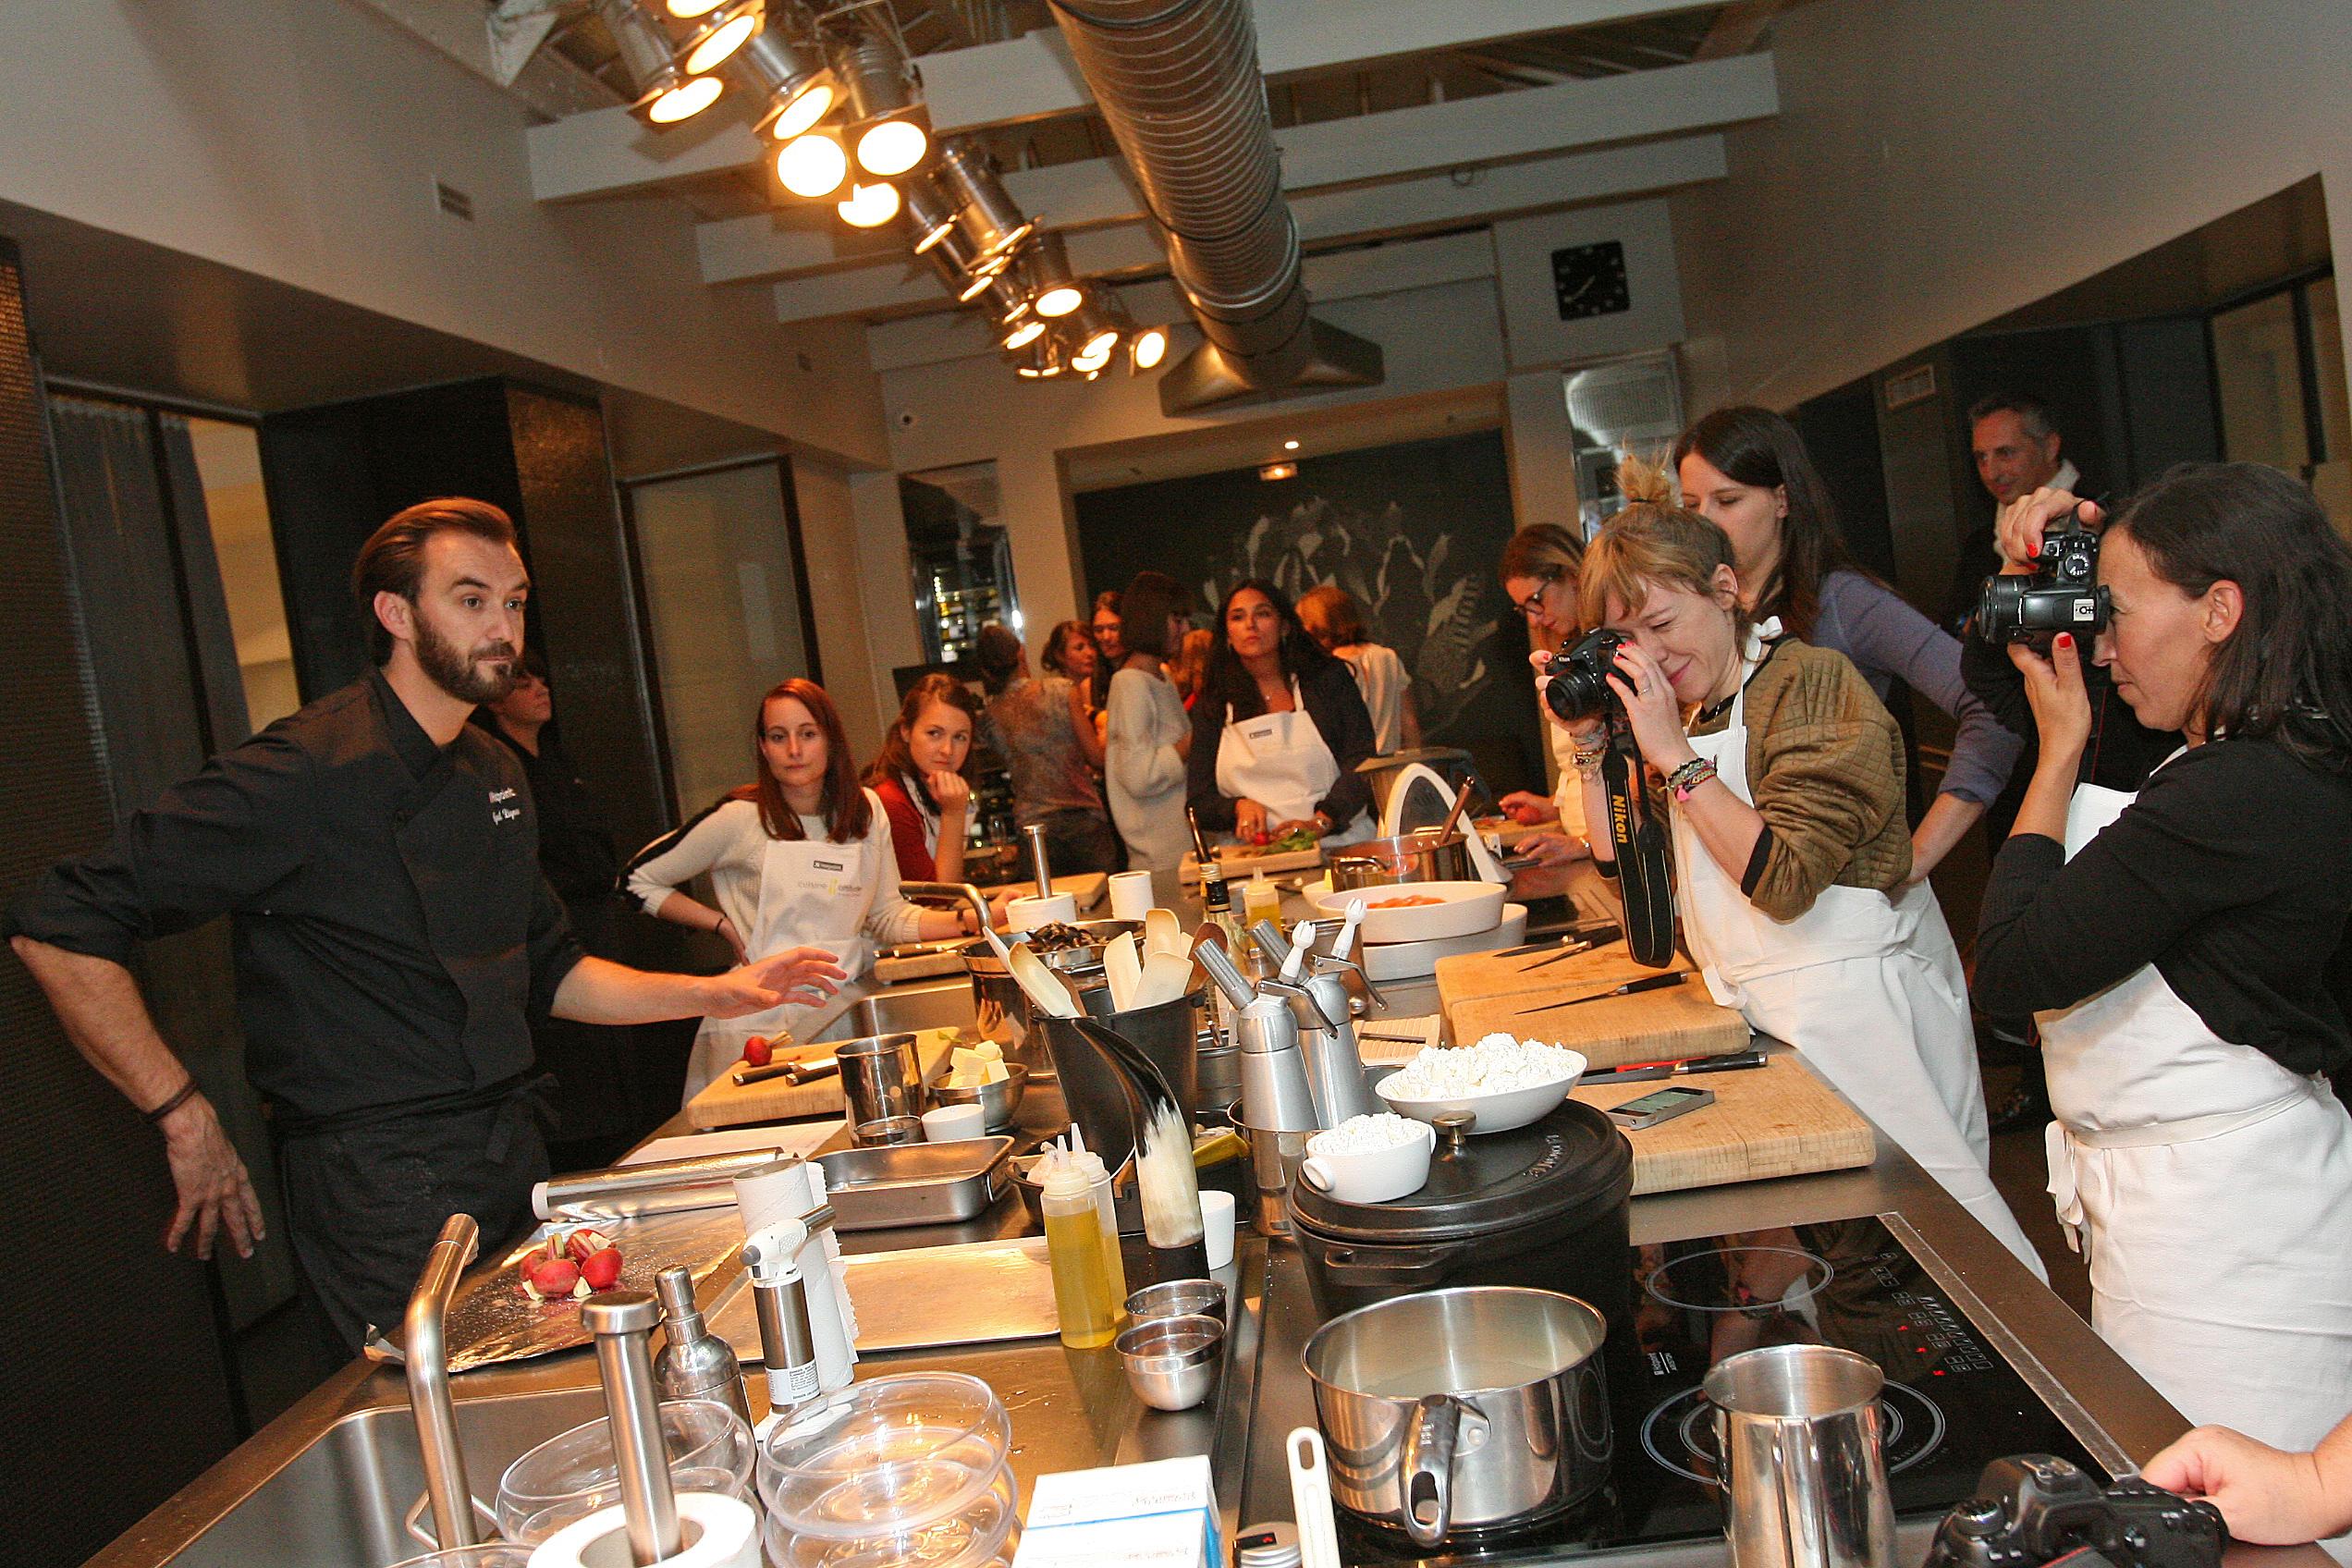 Cours de cuisine paris cyril lignac cours de cuisine - Cours cuisine cyril lignac ...